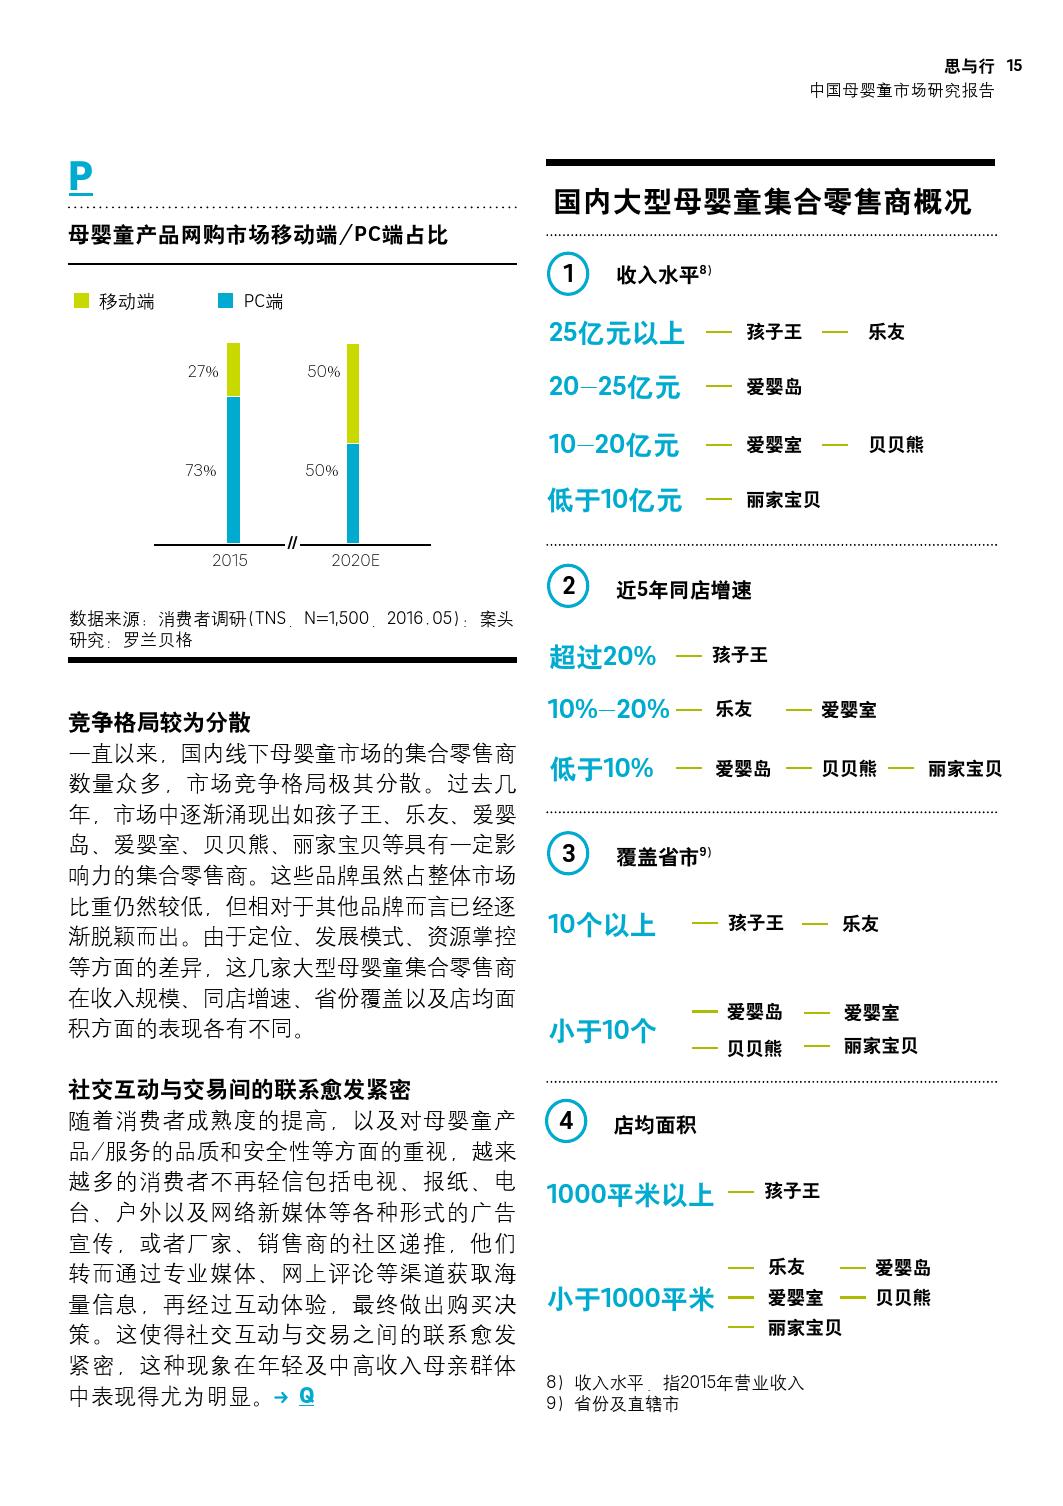 罗兰贝:2016中国母婴童市场研究报告_000015